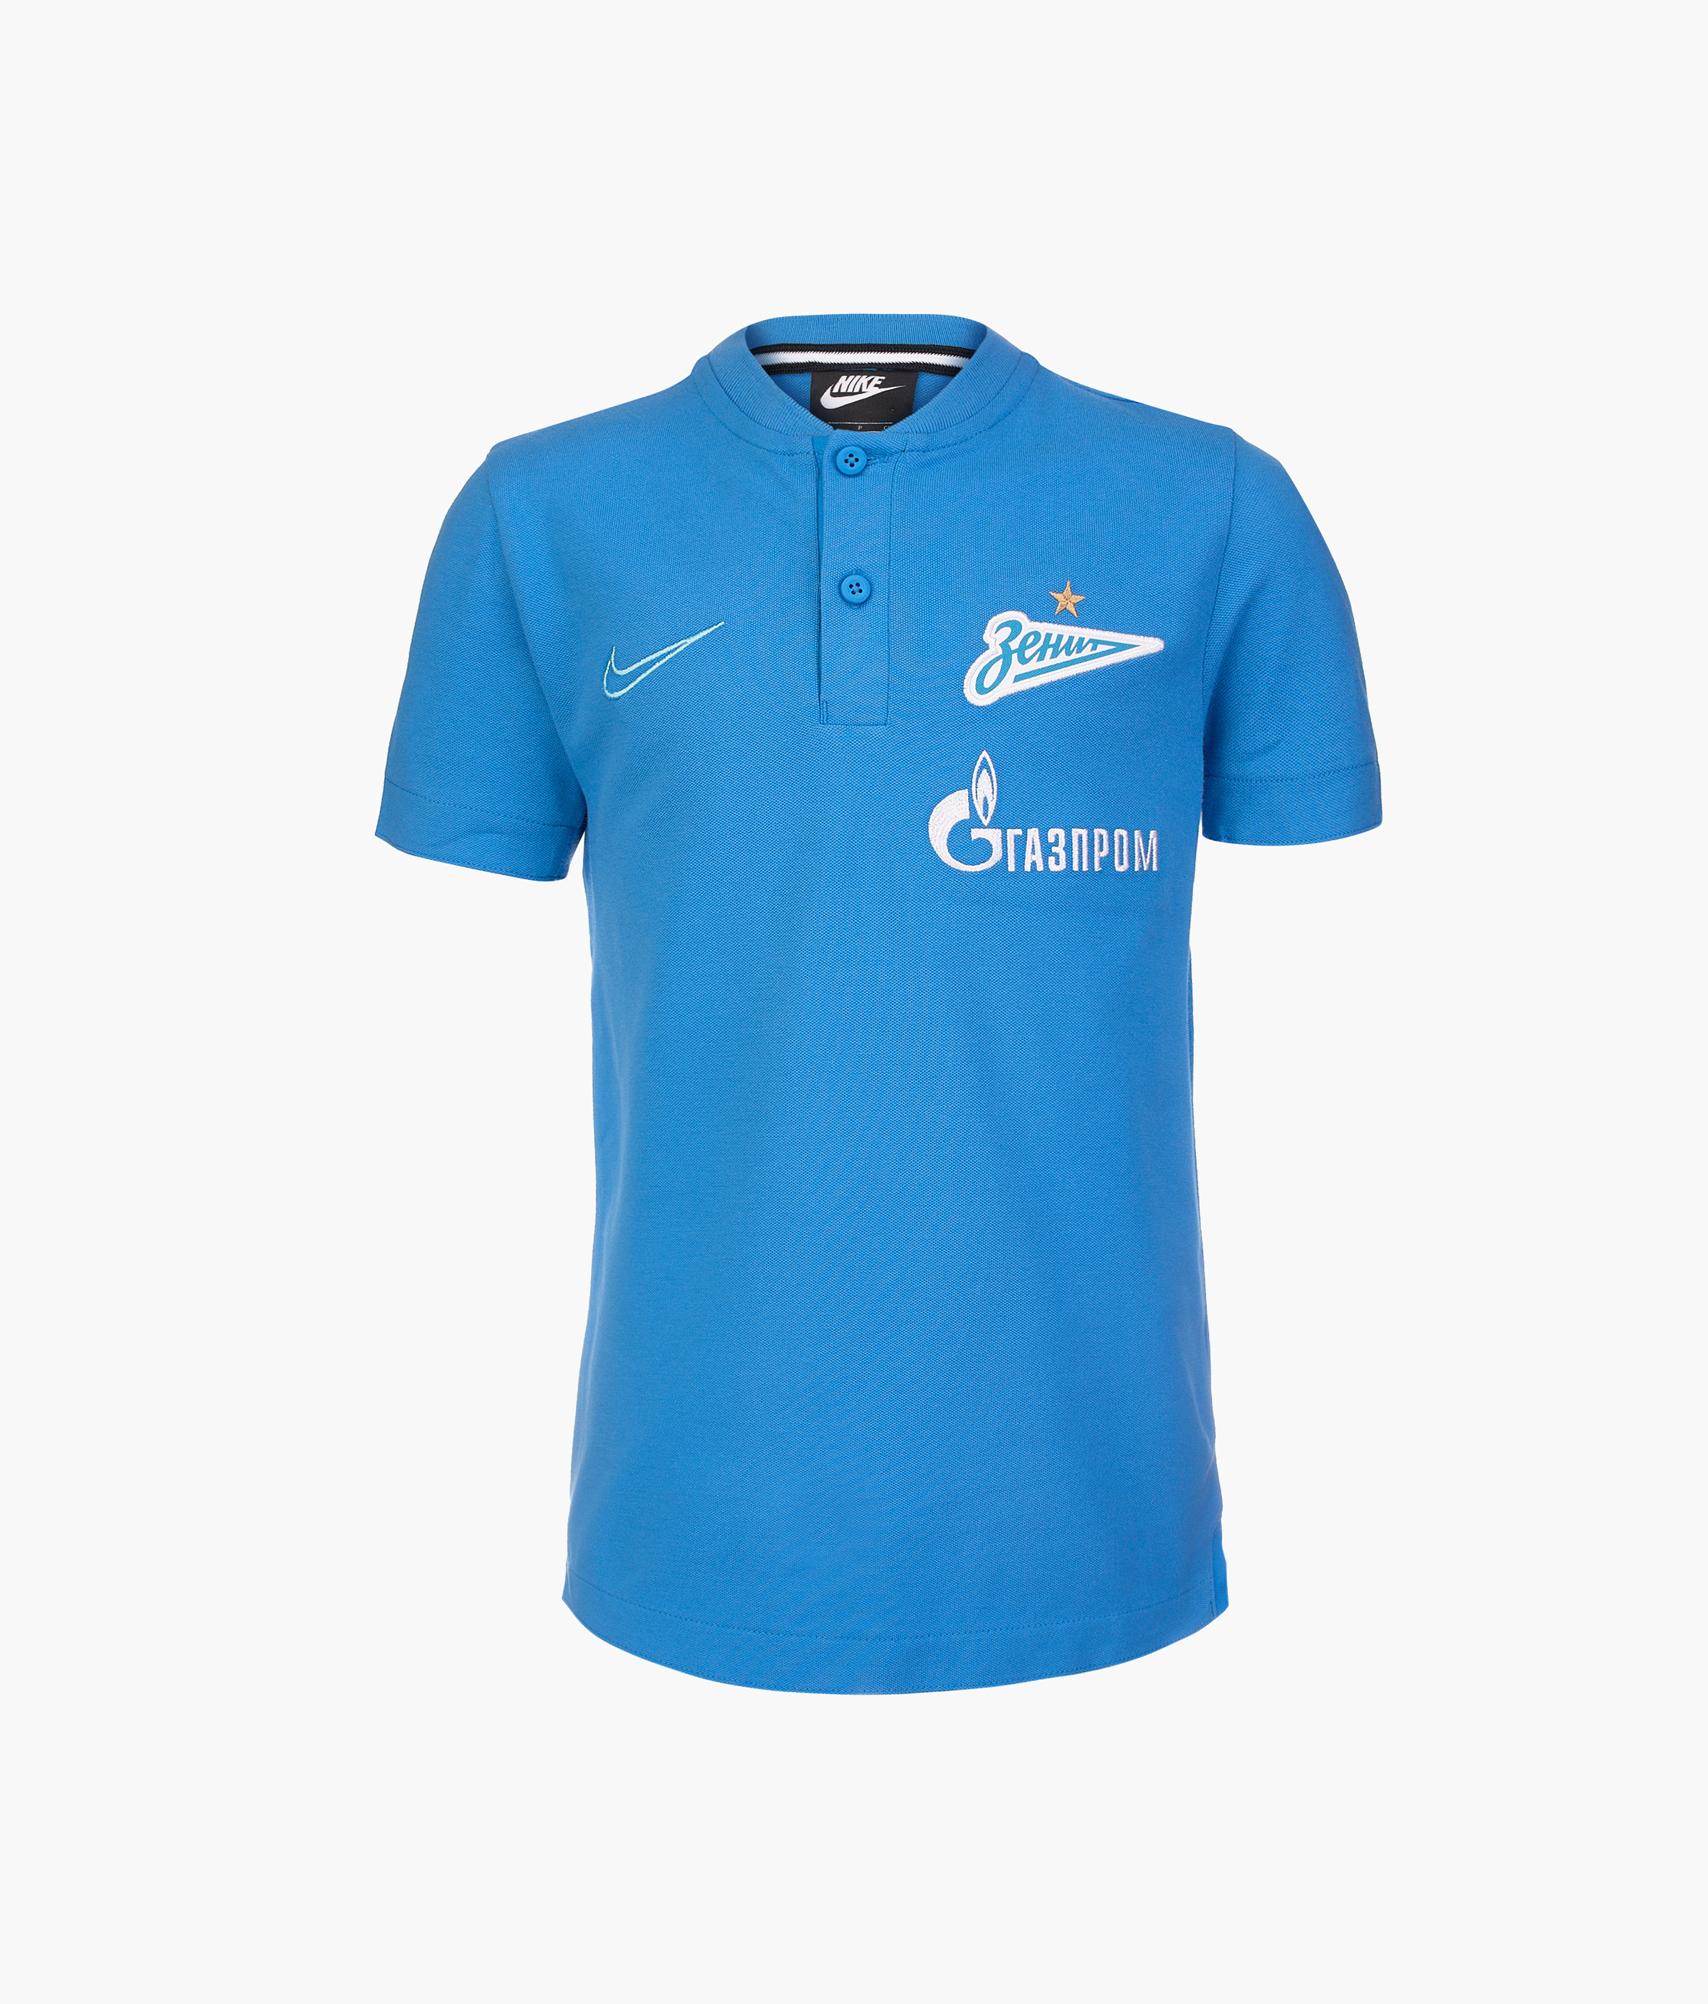 Поло подростковое Nike Nike Цвет-Синий цены онлайн